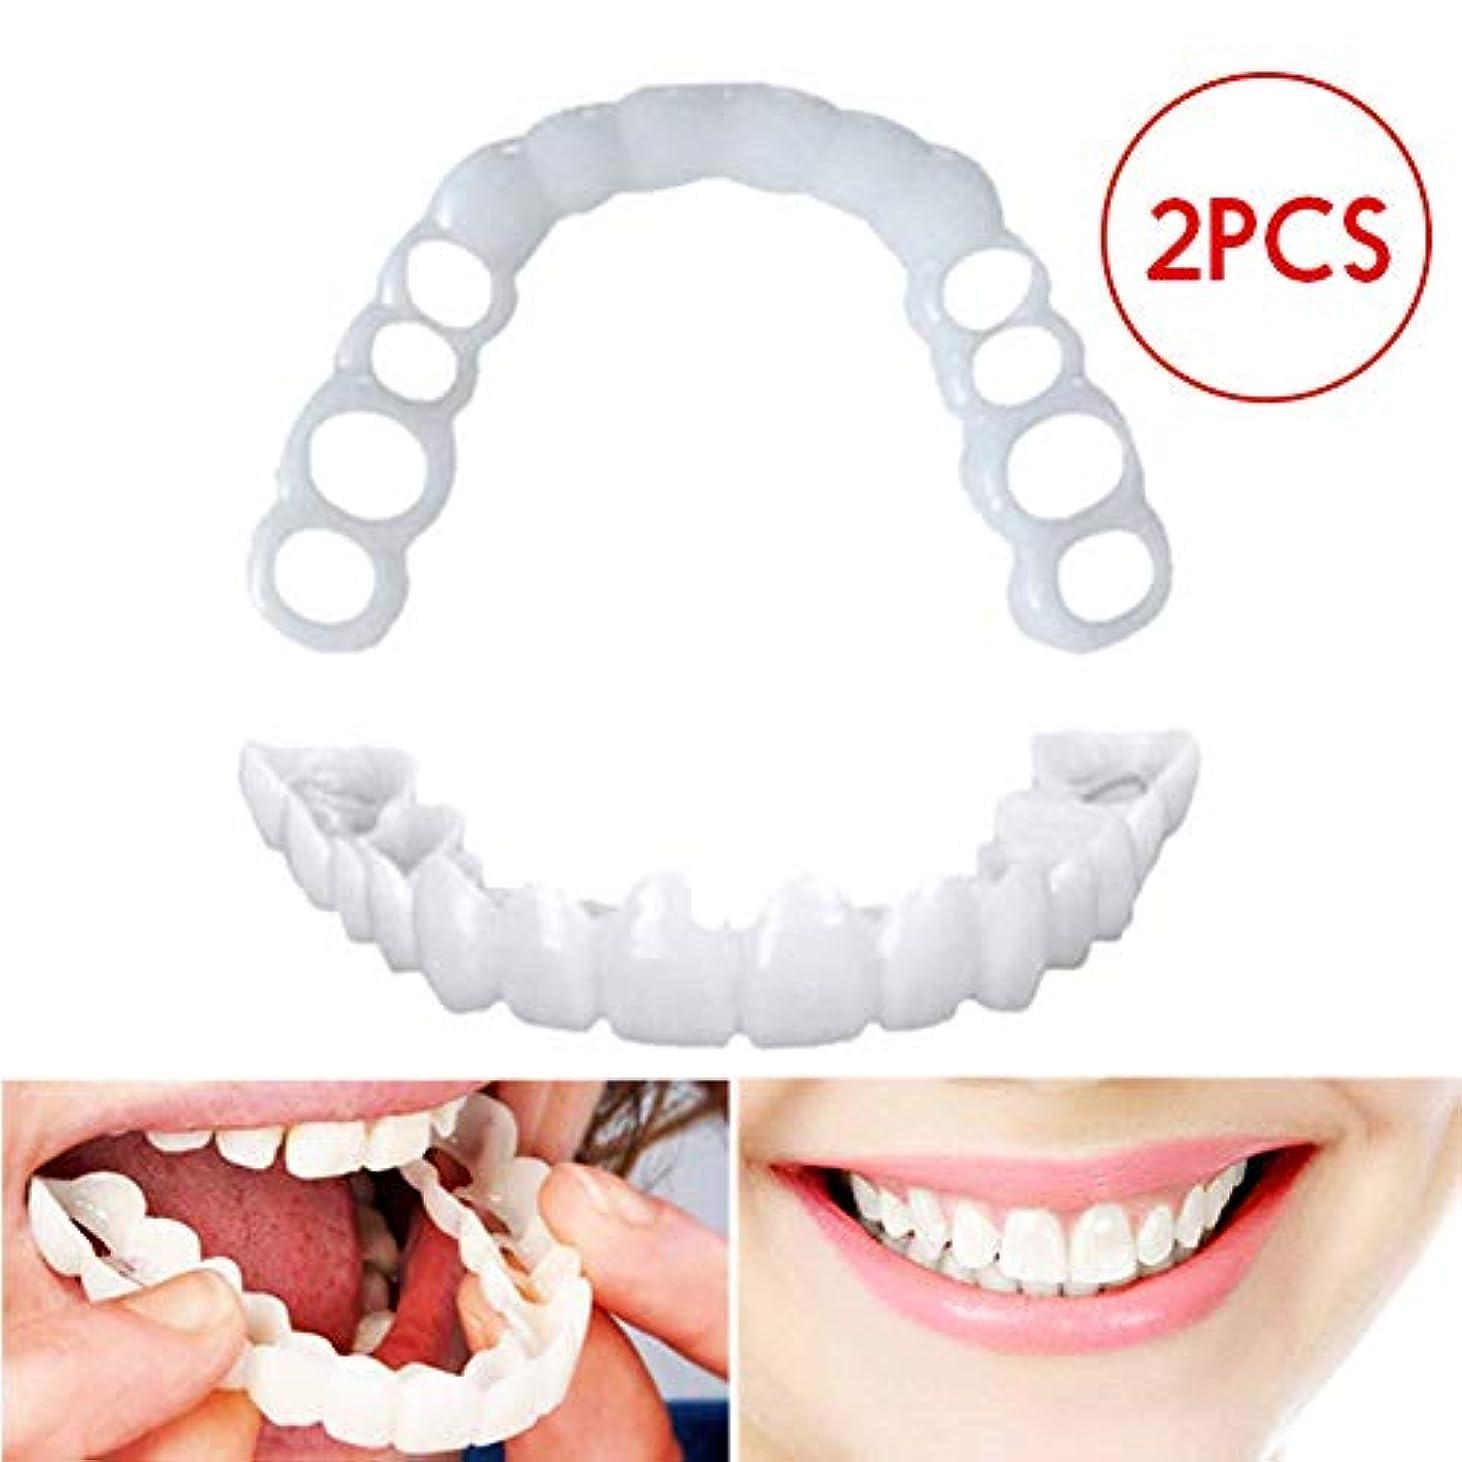 伝統的ナース長くする2組の一時的な化粧品の歯の義歯の歯の化粧品は装具を模倣しました、即刻の快適な完全なベニヤの歯のスナップキャップを白くします,2pcsupperteeth